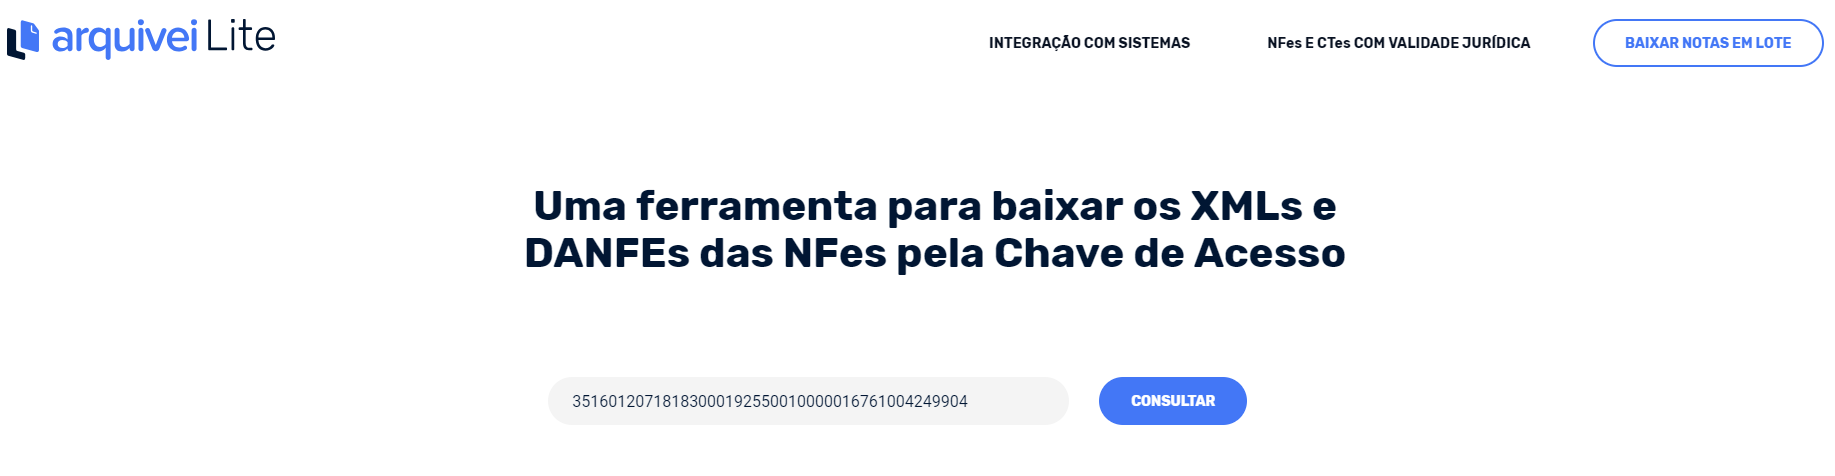 Consultar NFe por chave de acesso com Arquivei Lite